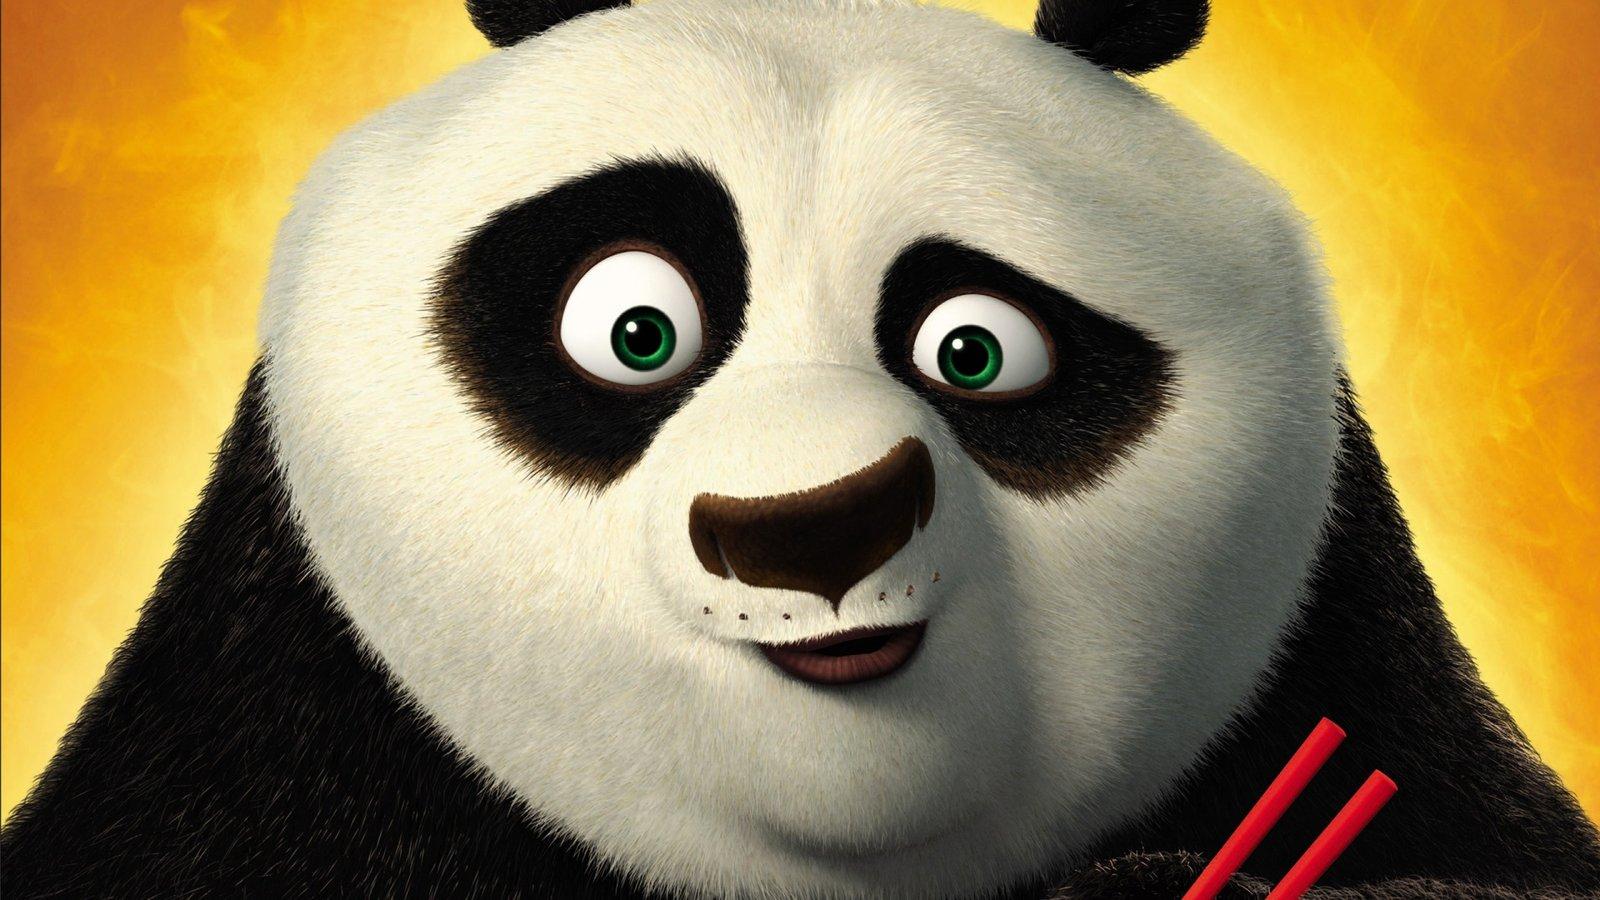 / Kung Fu Panda 2